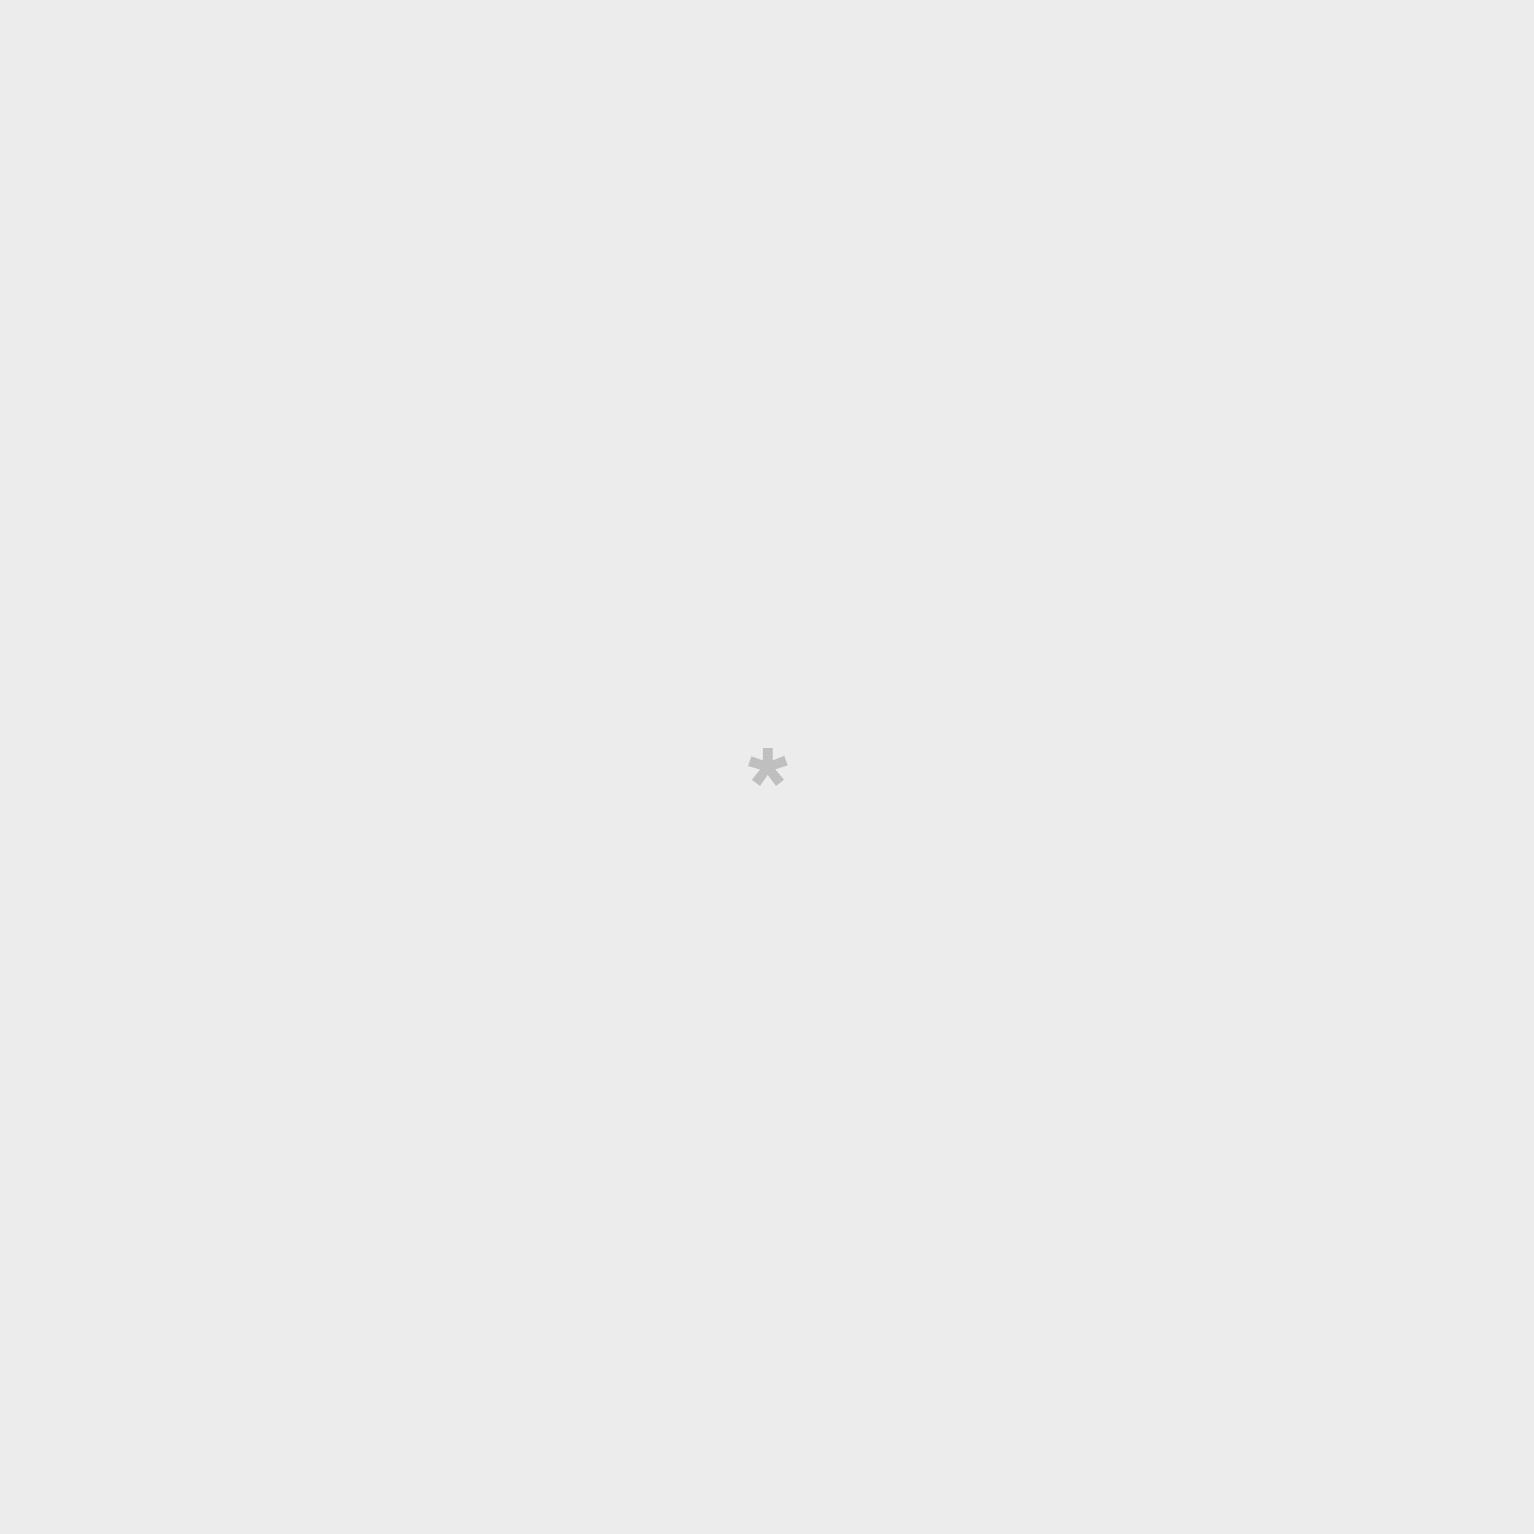 Salvamanteles - Hoy estoy on fire